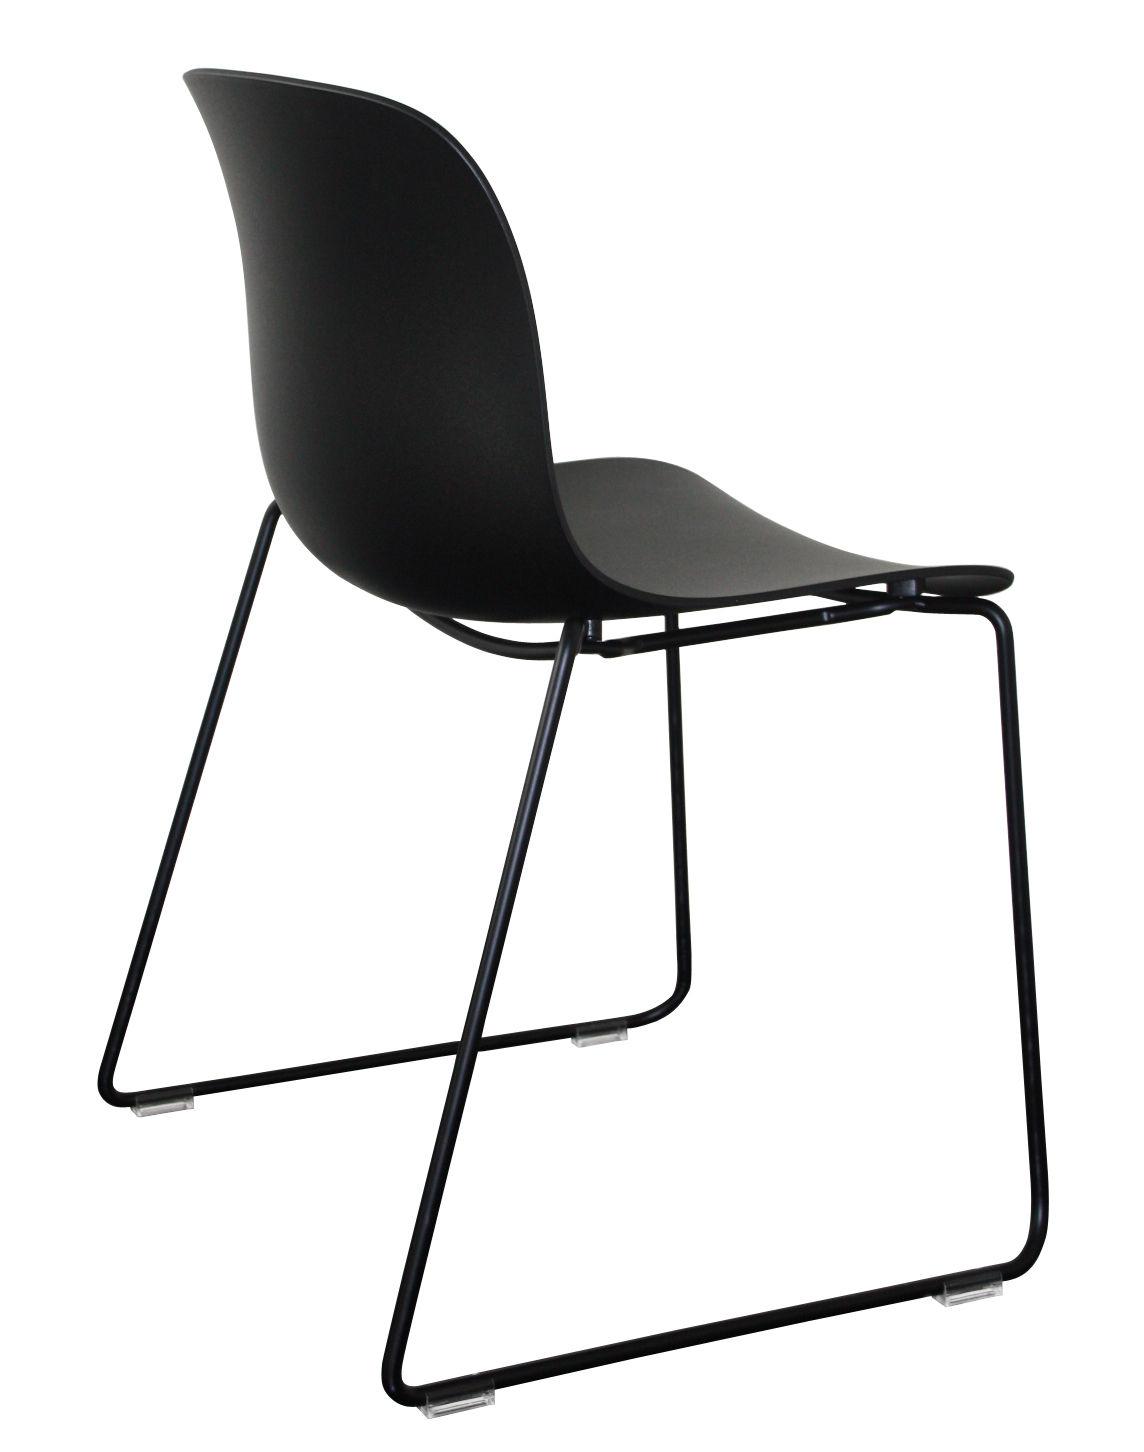 Mobilier - Chaises, fauteuils de salle à manger - Chaise empilable Troy Outdoor / Plastique & pied luge - Magis - Noir /  Pied noir - Acier  verni, Polypropylène